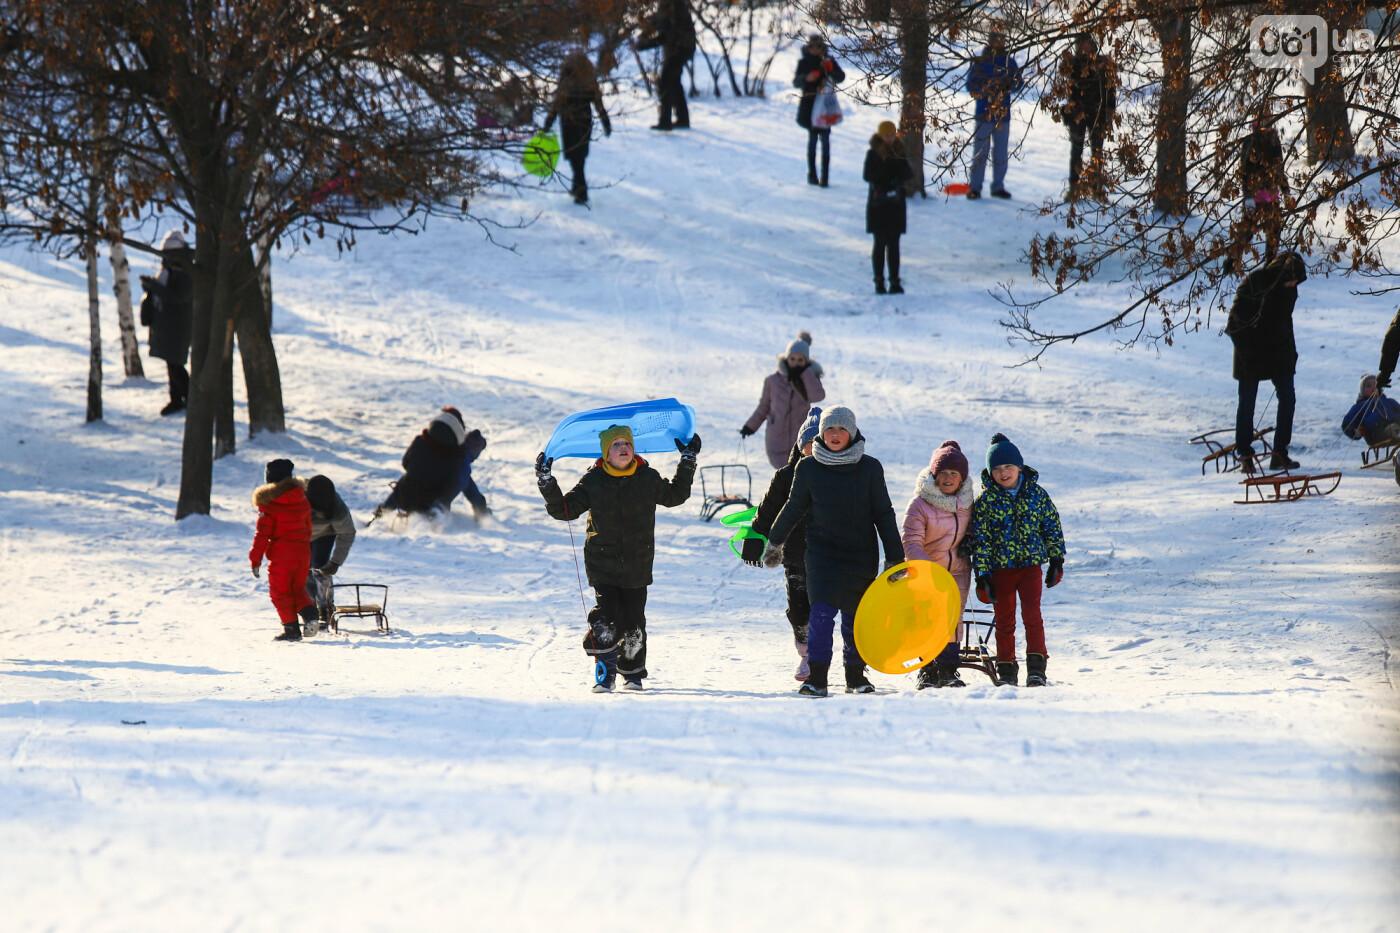 На санках, лыжах и сноуборде: запорожцы устроили массовое катание с горок в Вознесеновском парке, - ФОТОРЕПОРТАЖ, фото-74